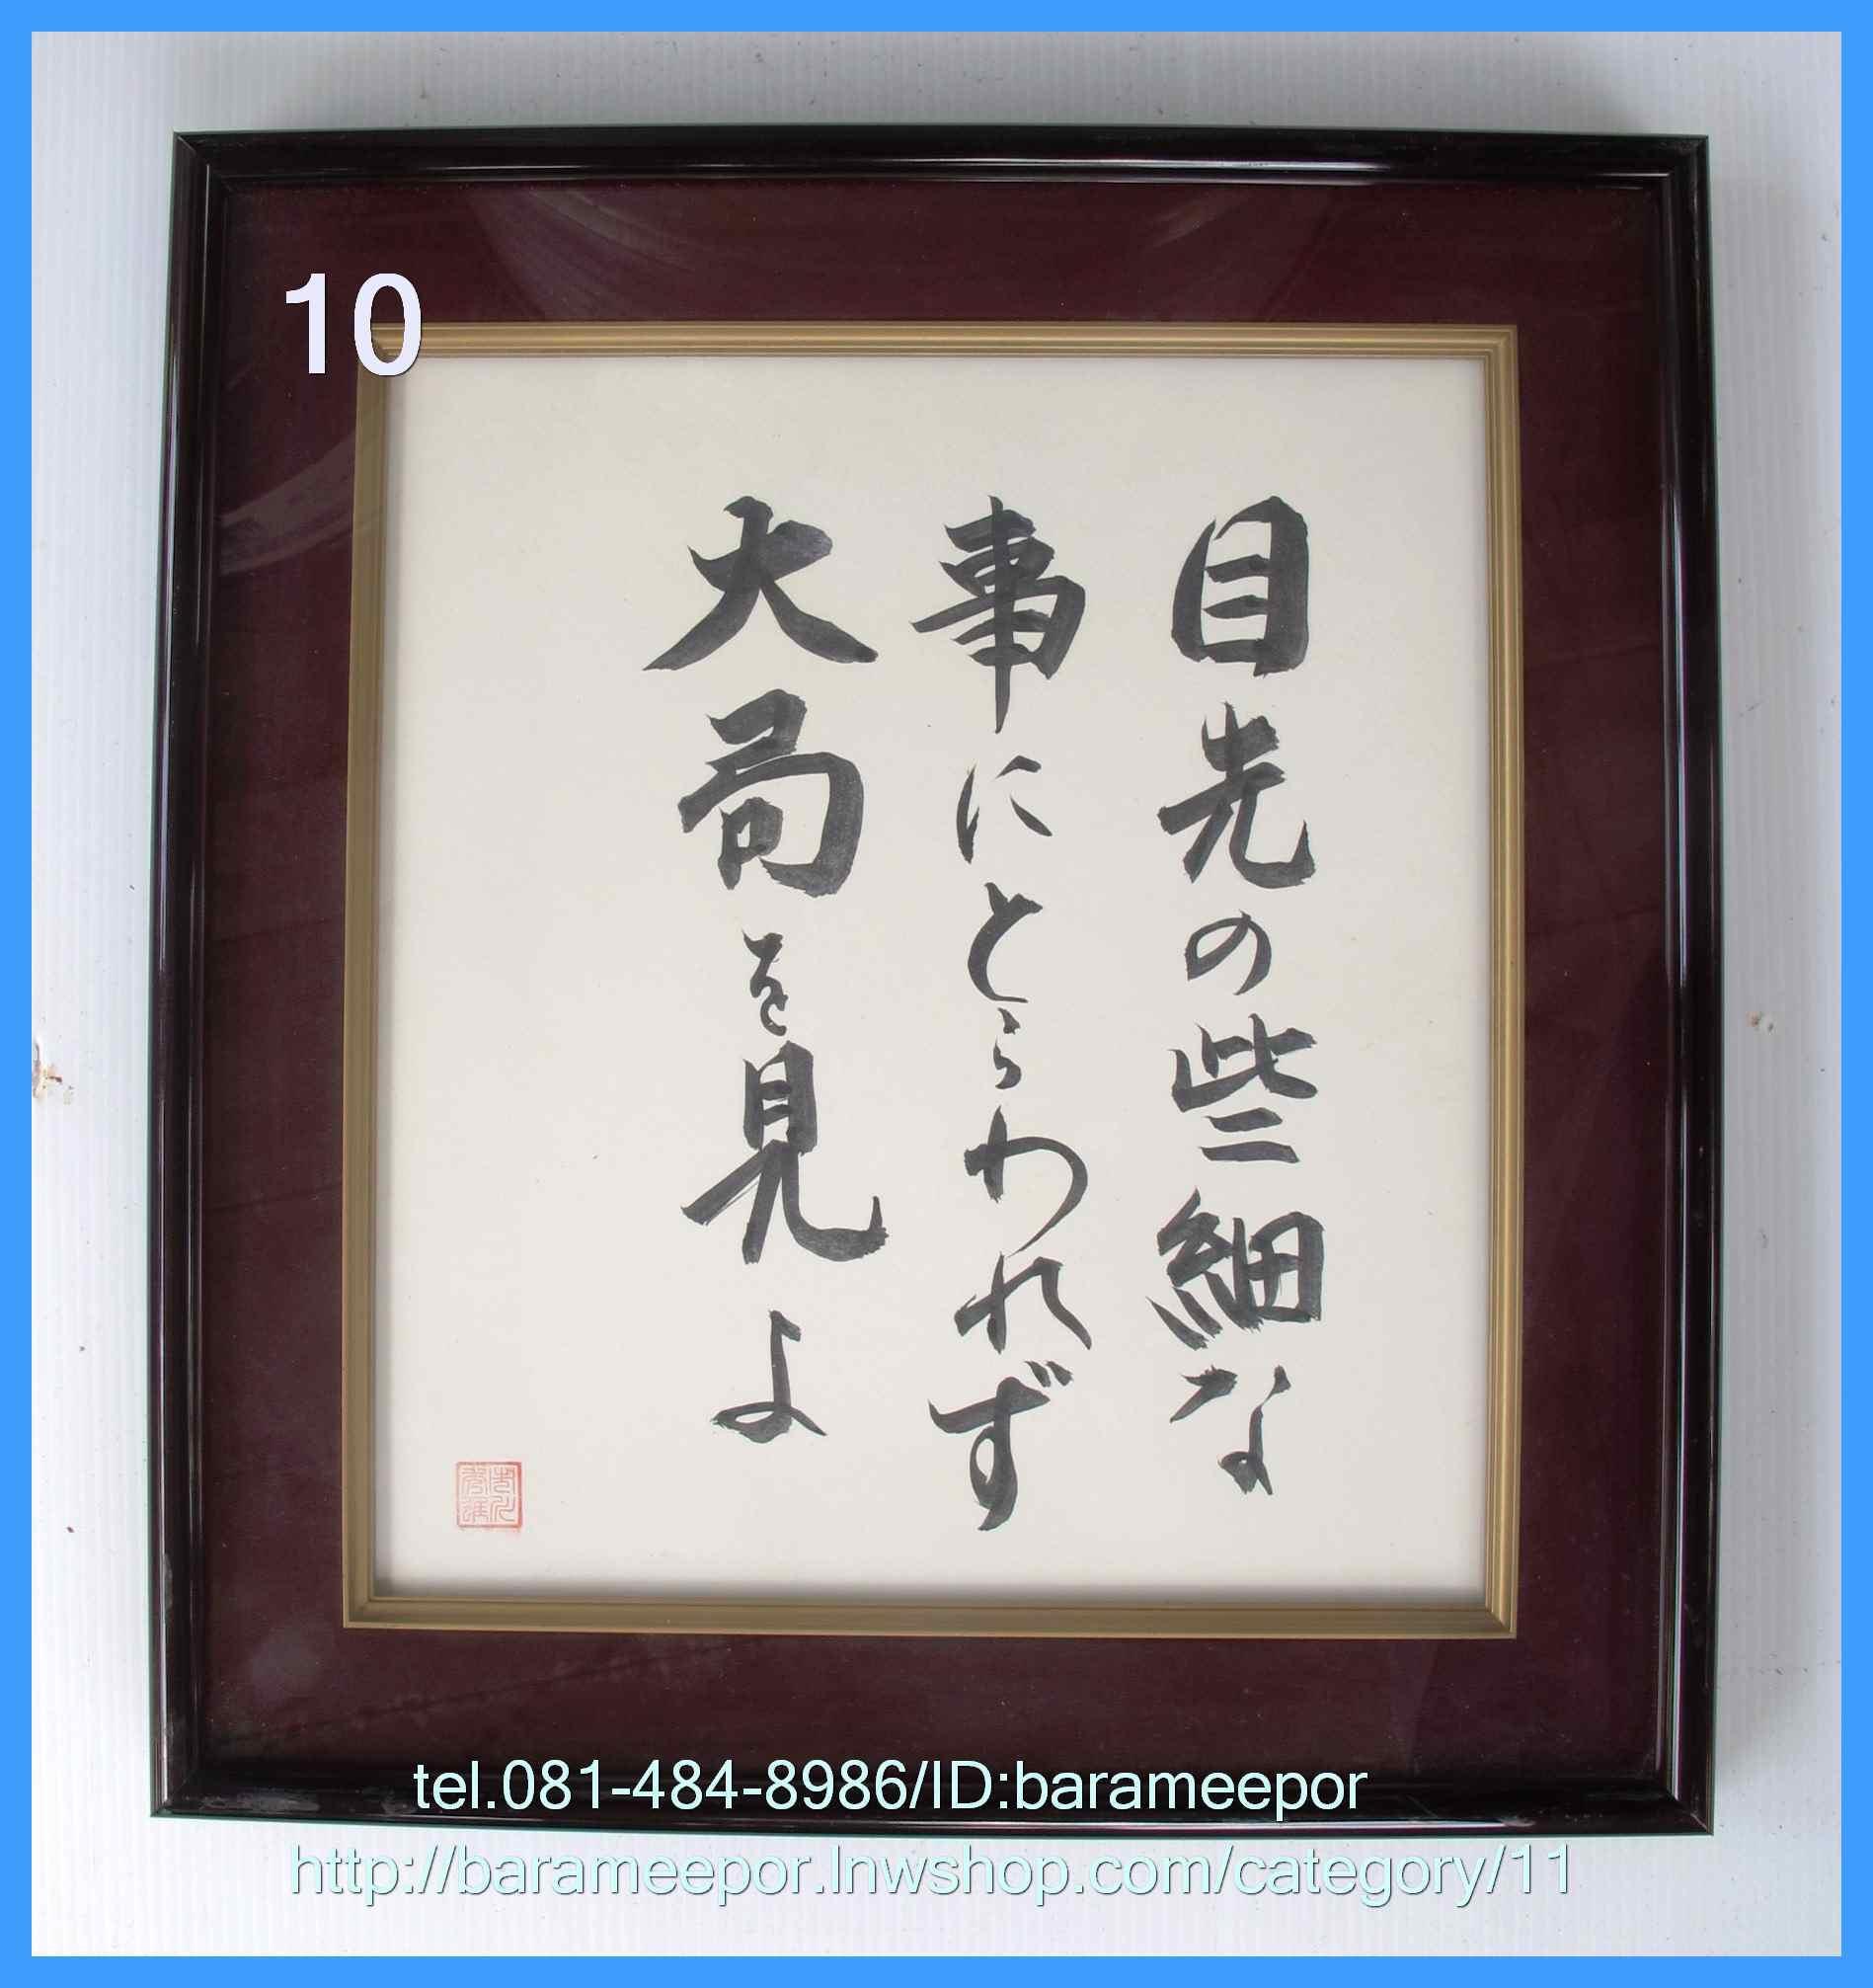 กรอบรูป อักษรมงคล ภาษาญี่ปุ่น ขนาดกรอบนอก 12.5x14 นิ้ว ใส่ภาพขนาด 9x10.5 นิ้ว